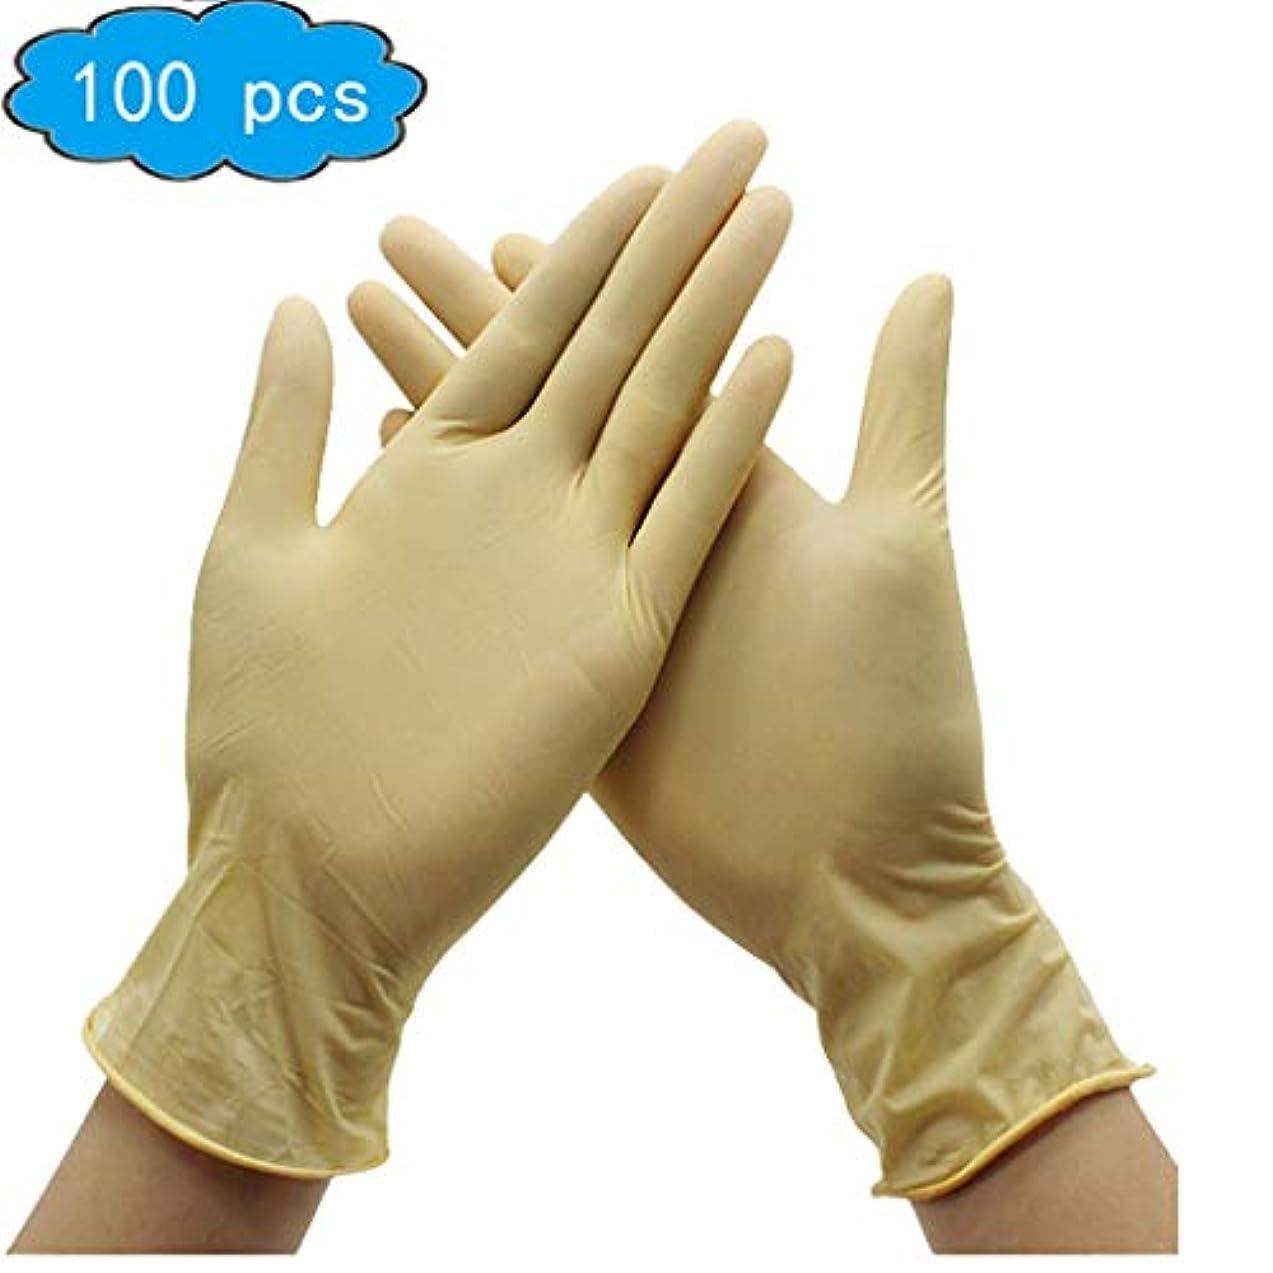 マンハッタン流行している判定ラテックス手袋、試験/食品グレードの安全製品、使い捨て手袋および手袋Dispensers 100psc、衛生手袋、健康、家庭用ベビーケア (Color : Beige, Size : L)